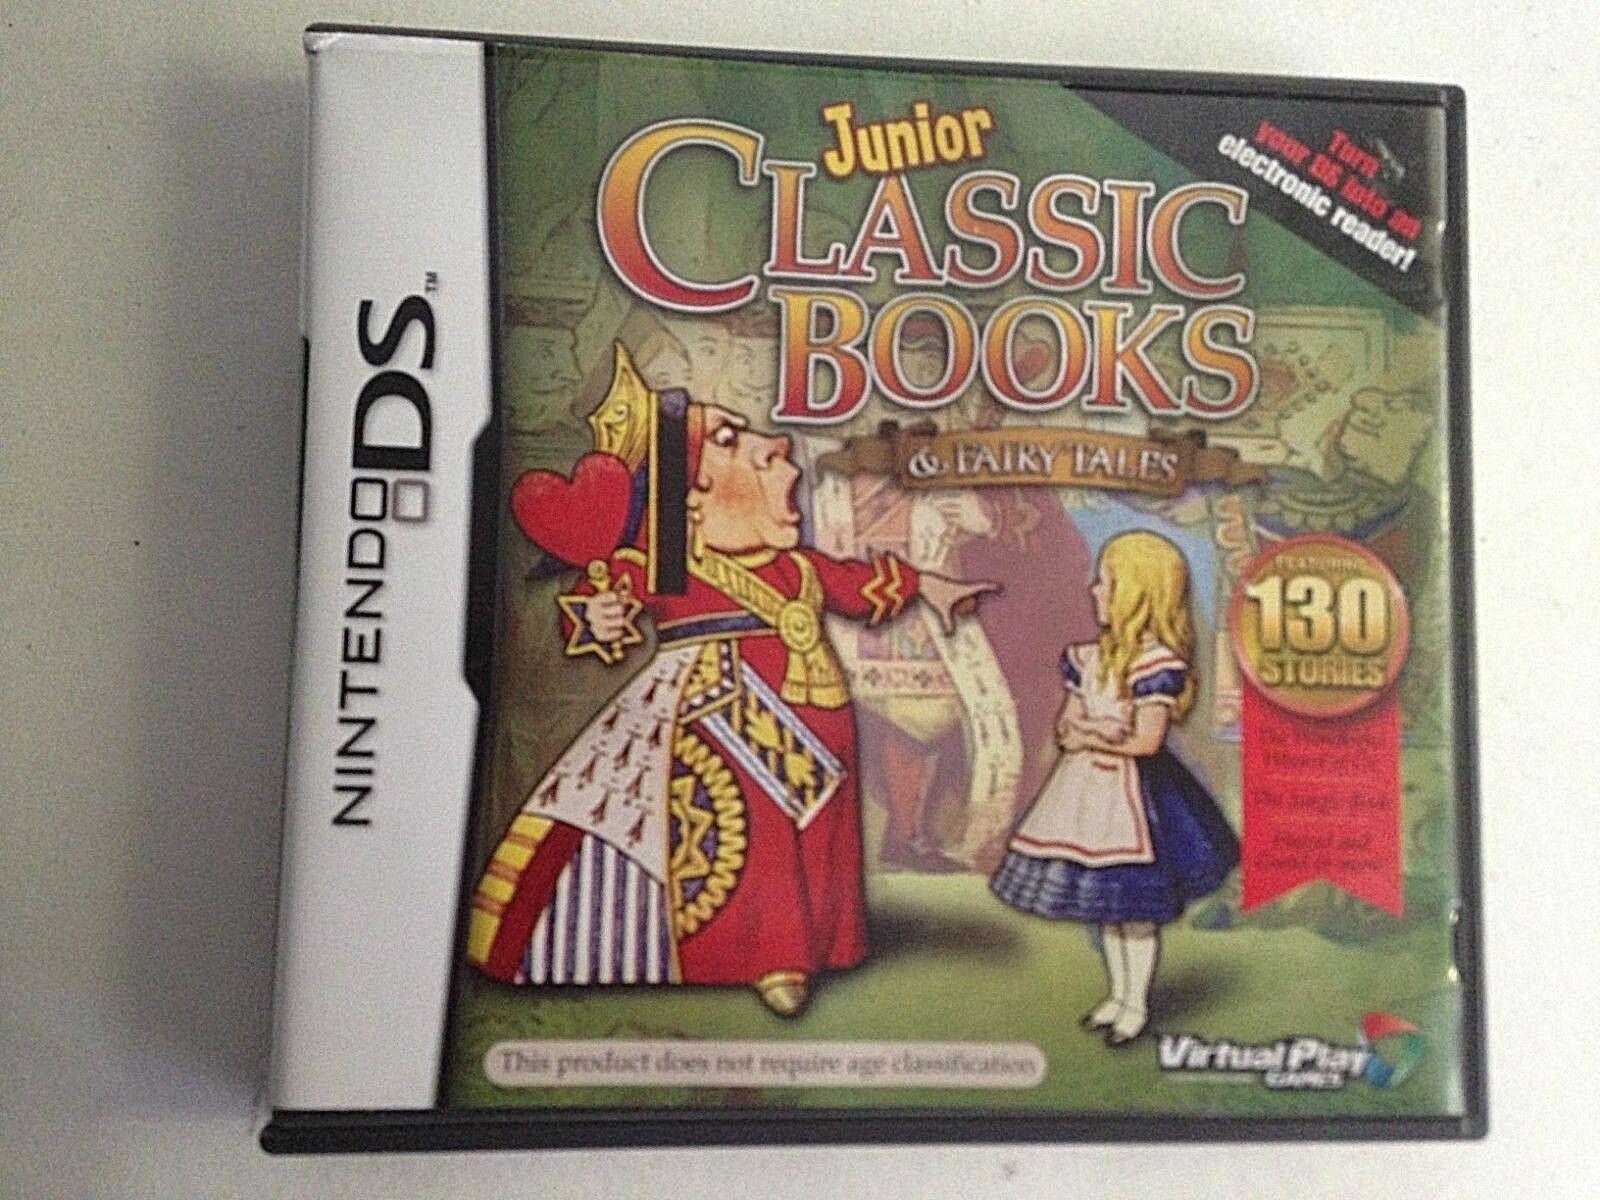 Junior Classic Books & Fairy Tales: 130 Stories (Nintendo DS, 2010)